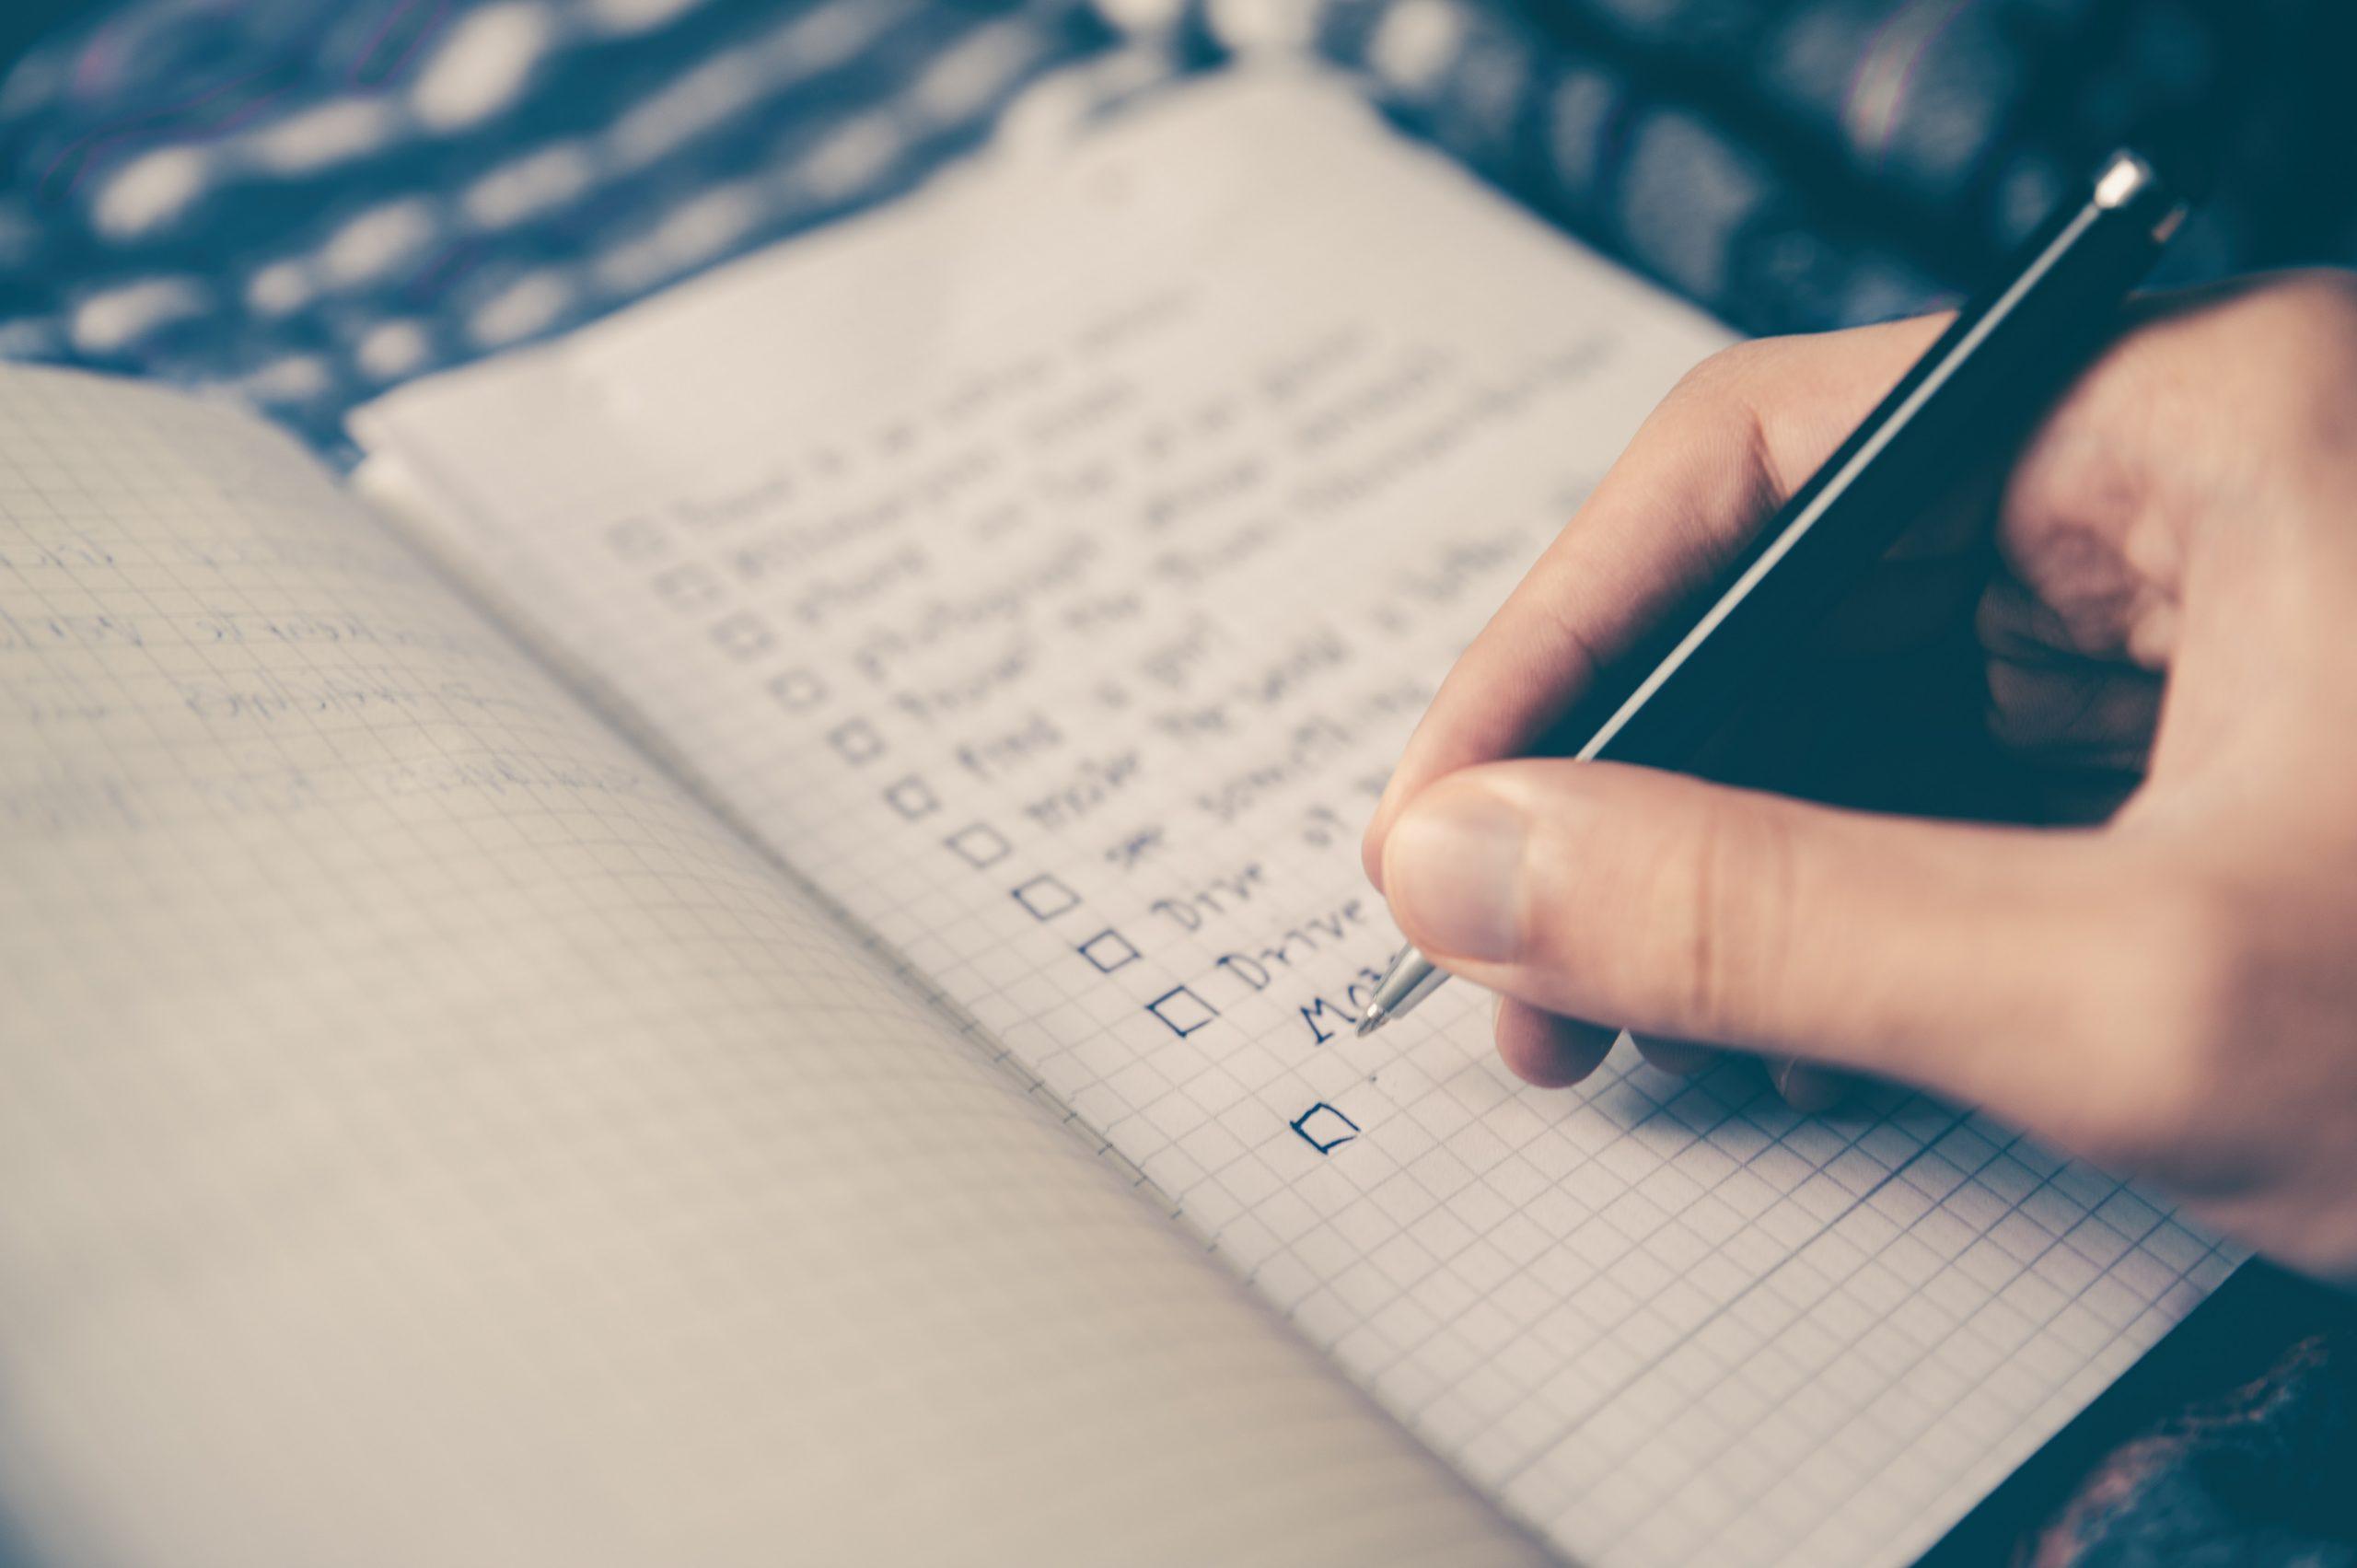 Los 5 trucos para que tu CV supere el filtro